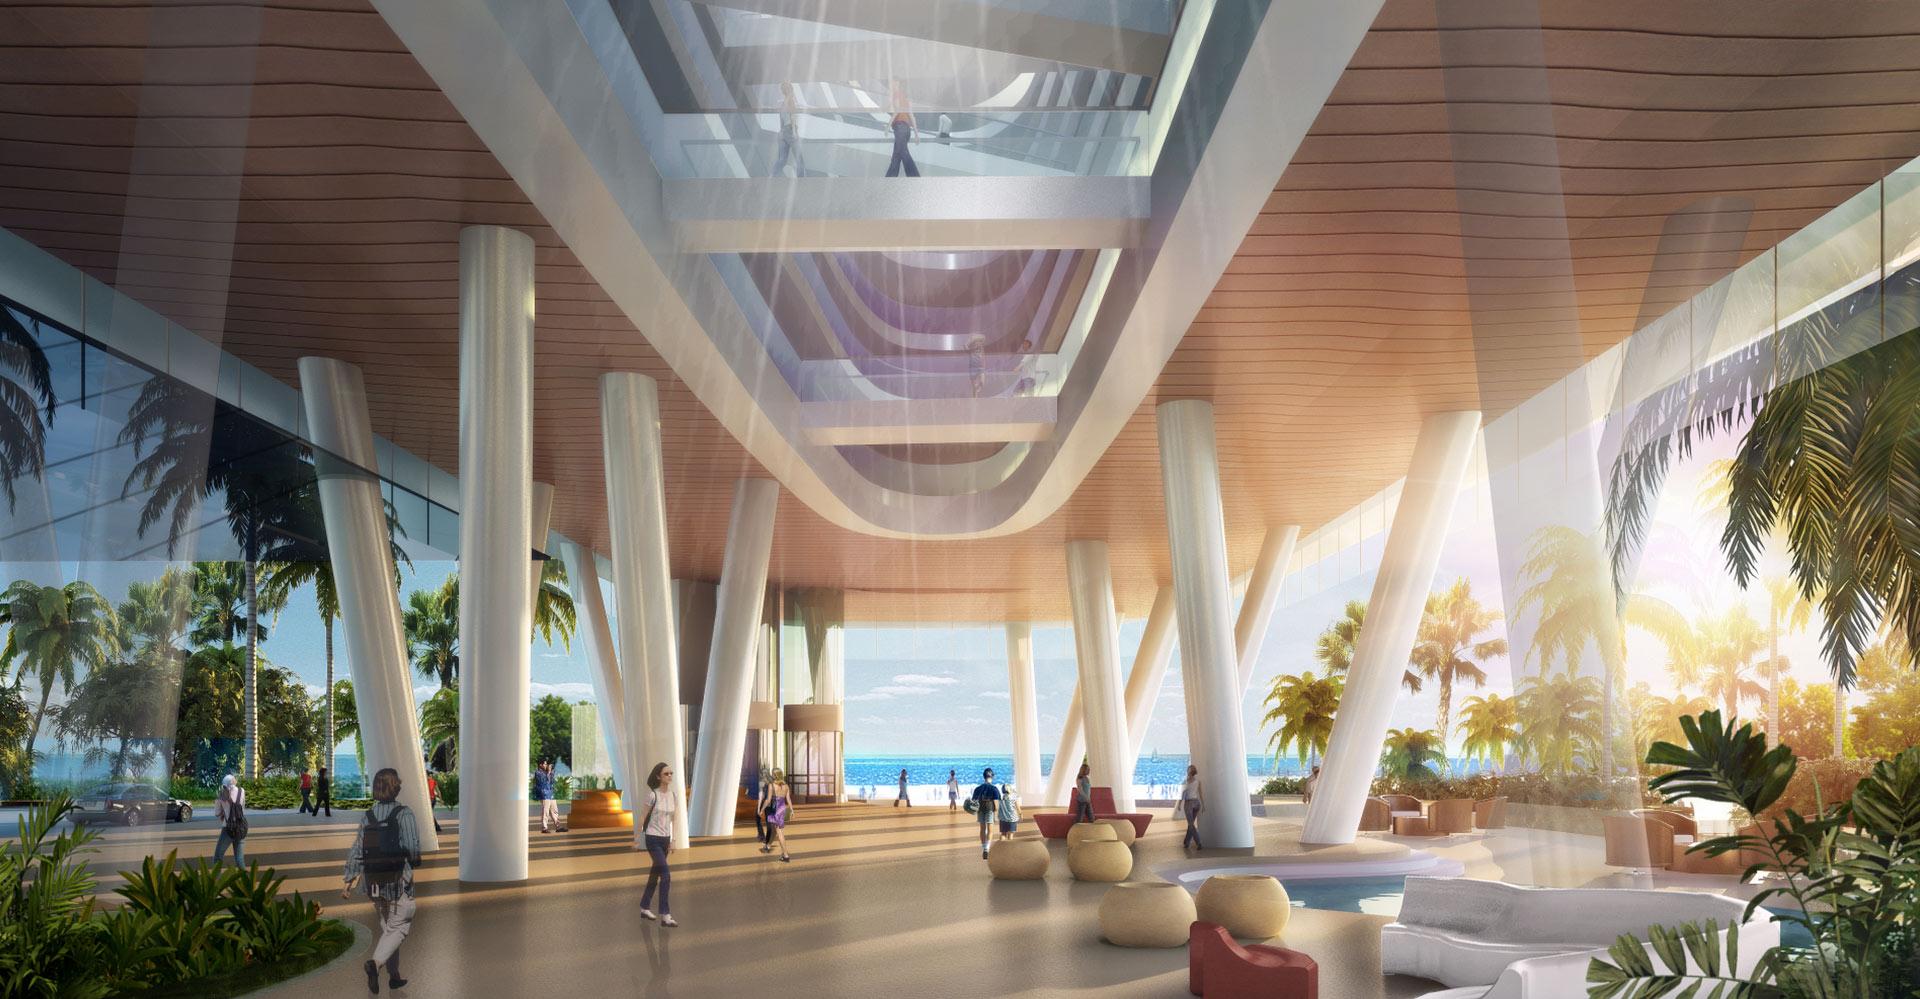 Yanlord Crowne Plaza Resort China WATG Below